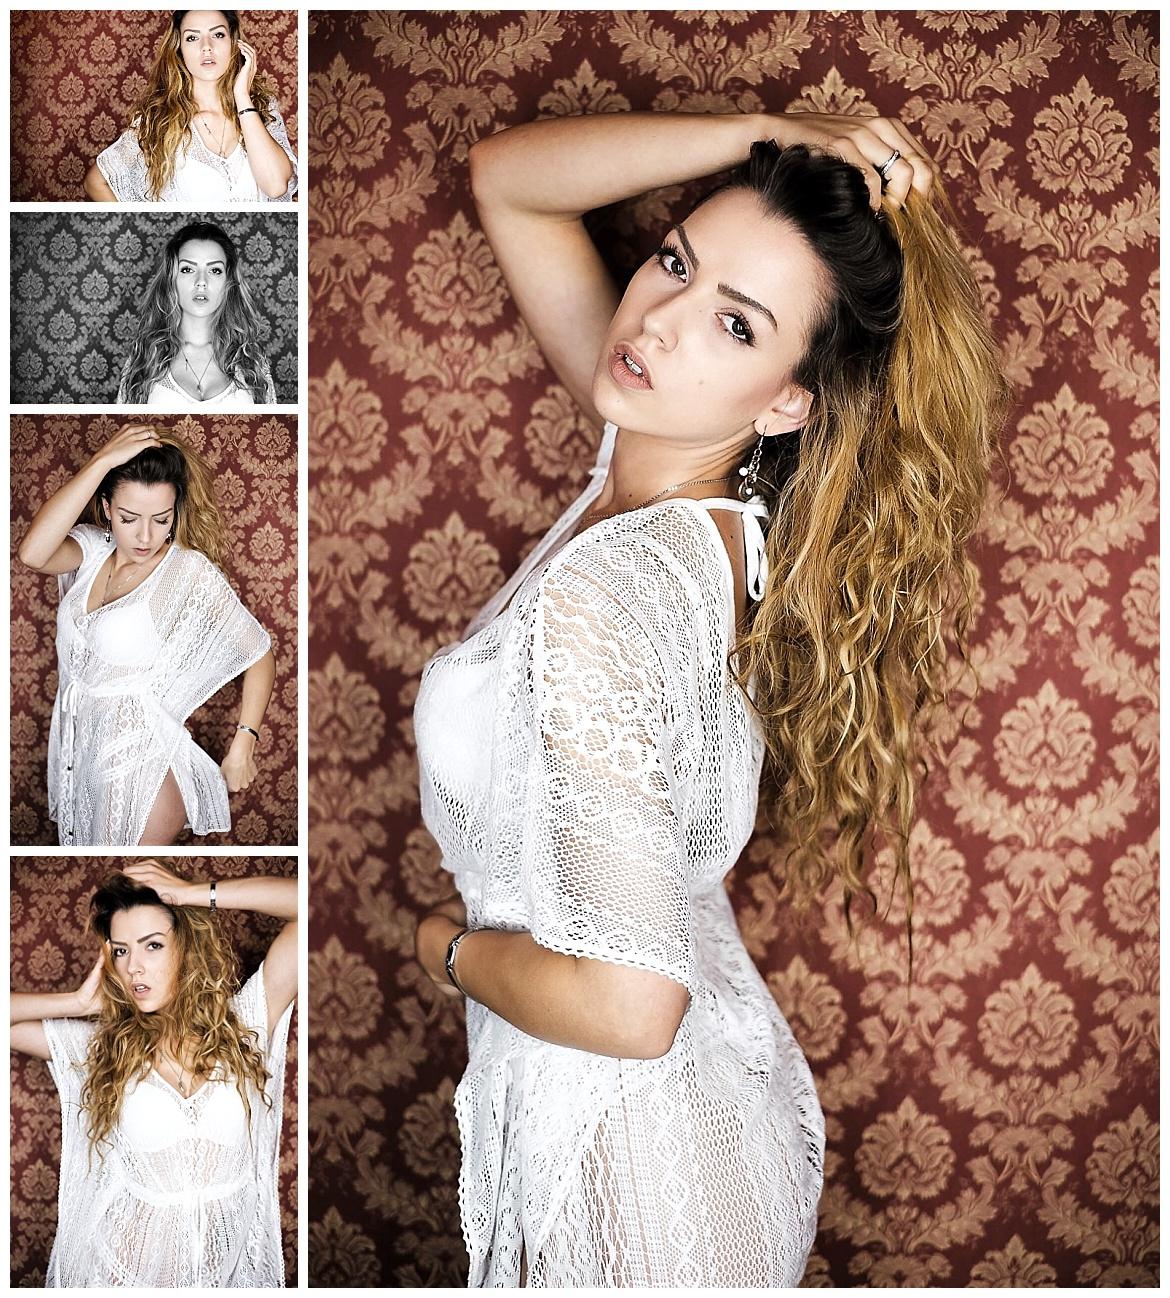 Model Leah Pöhler